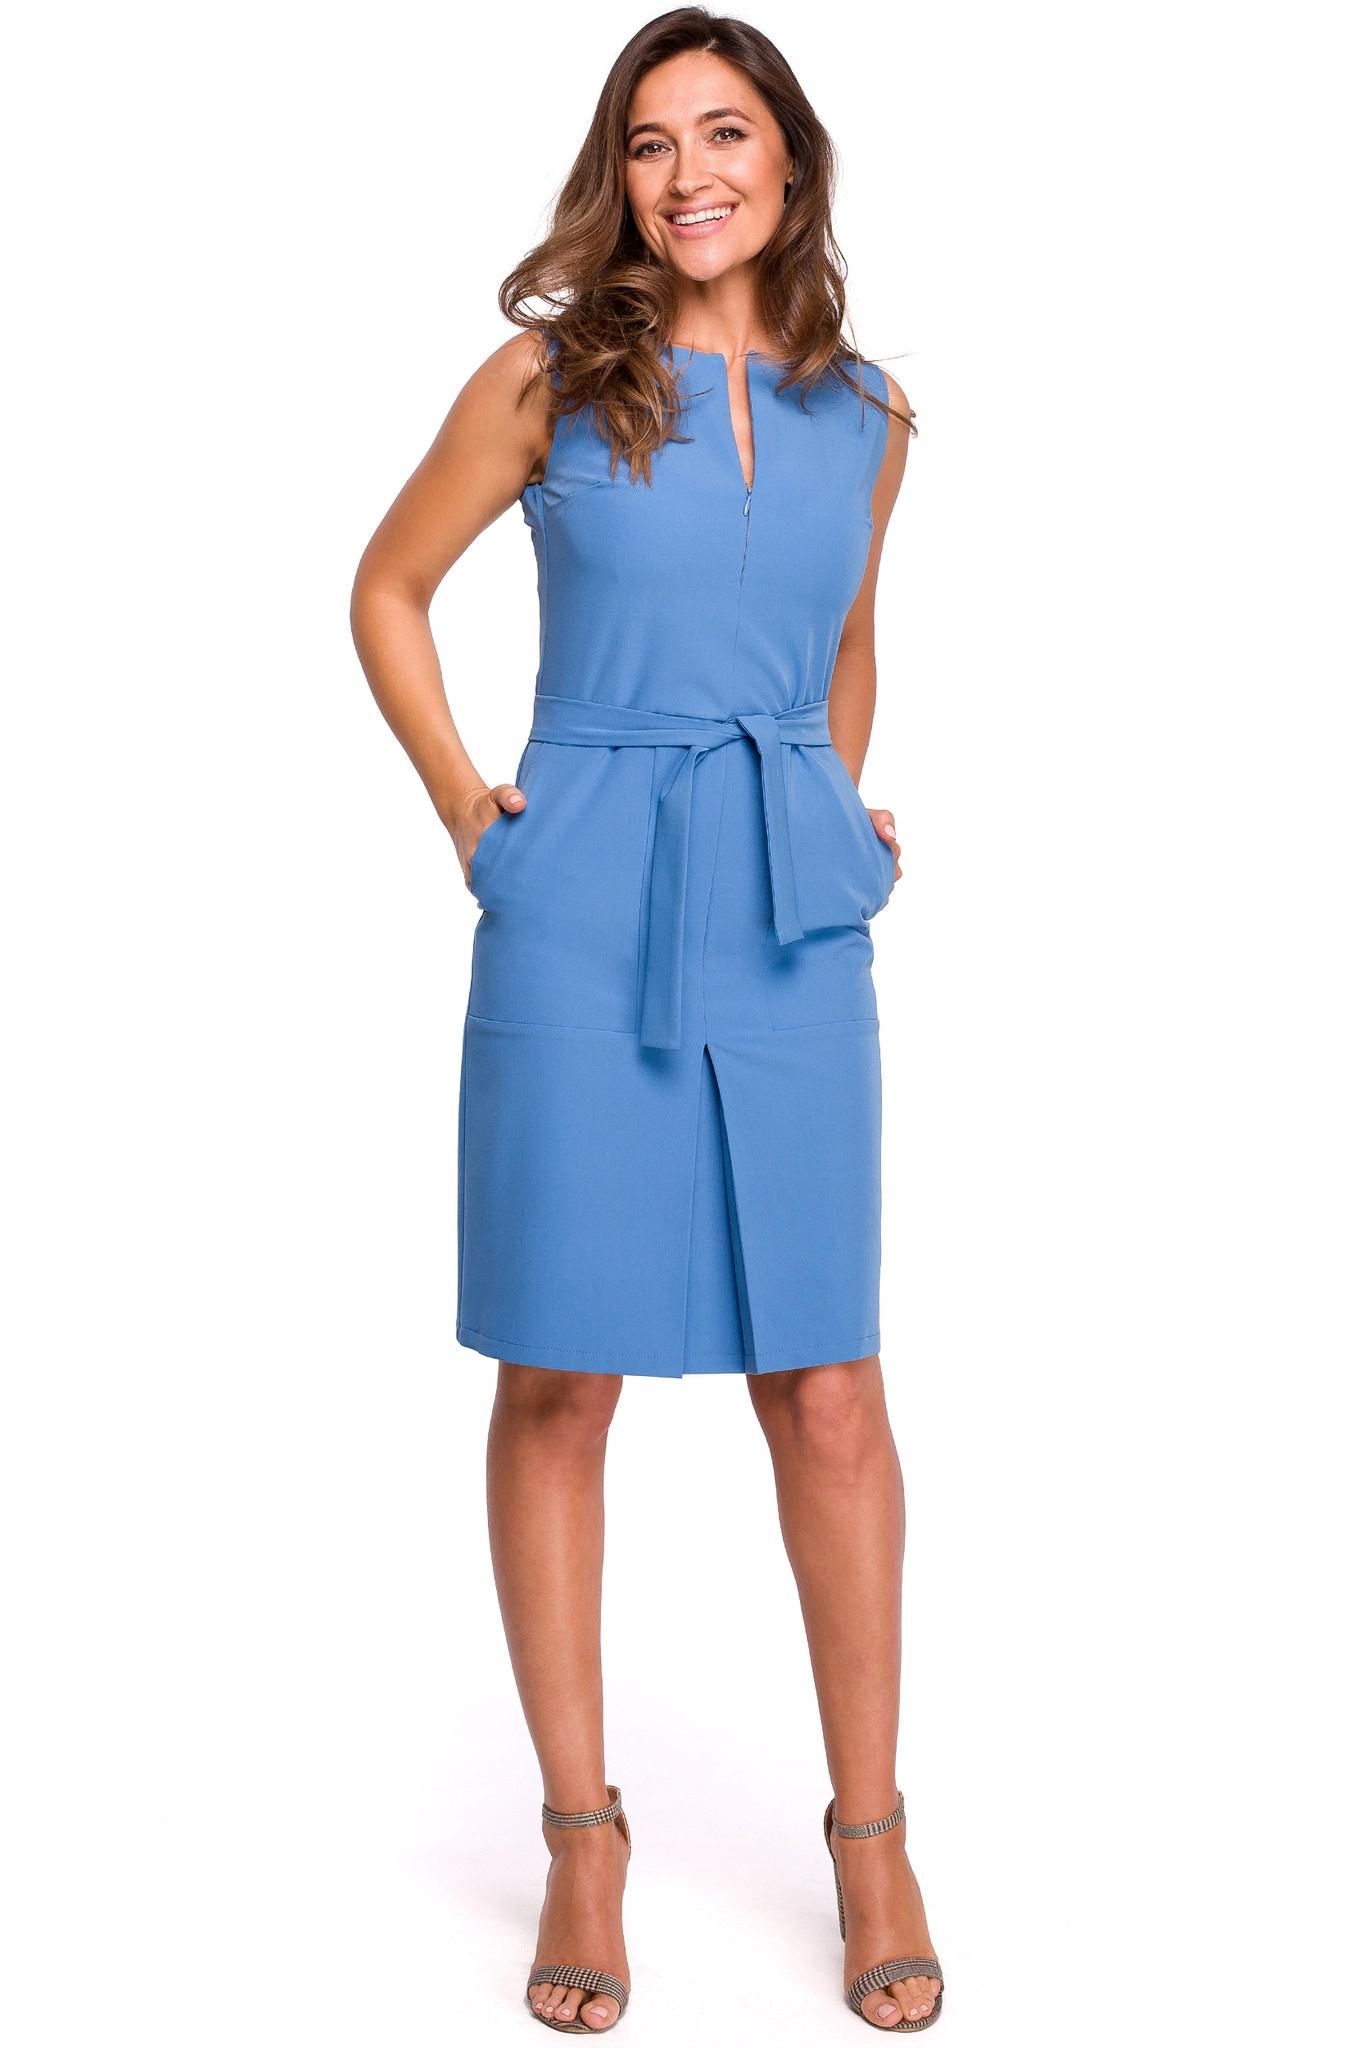 Sukienka Ołówkowa do Pracy Wiązana w Pasie 40 L